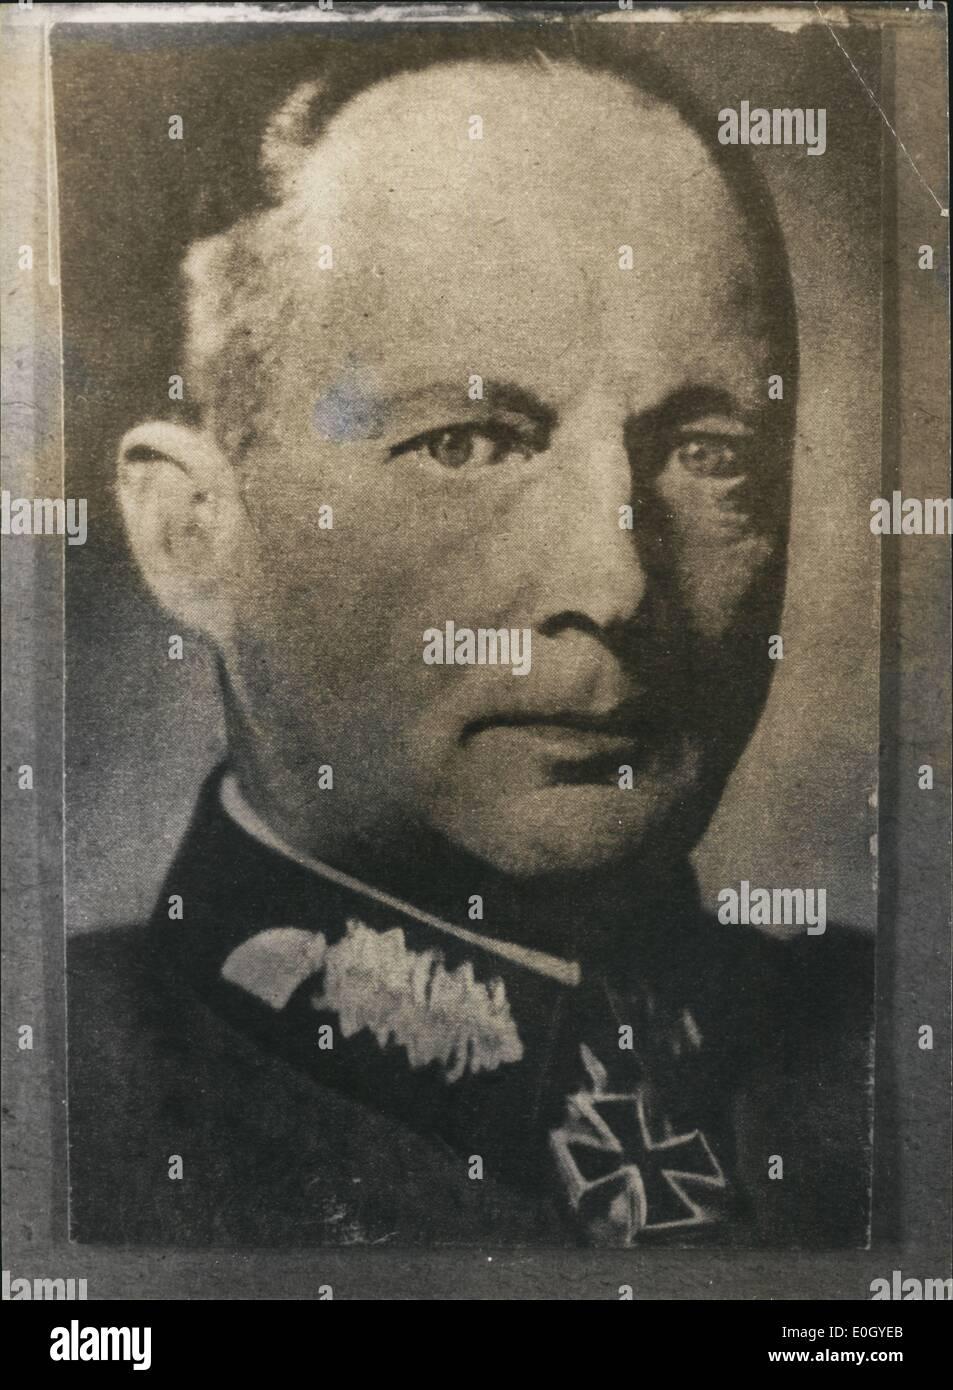 Jan 1, 1940 - Field Marshall Von kluge exact date unknown - Stock Image